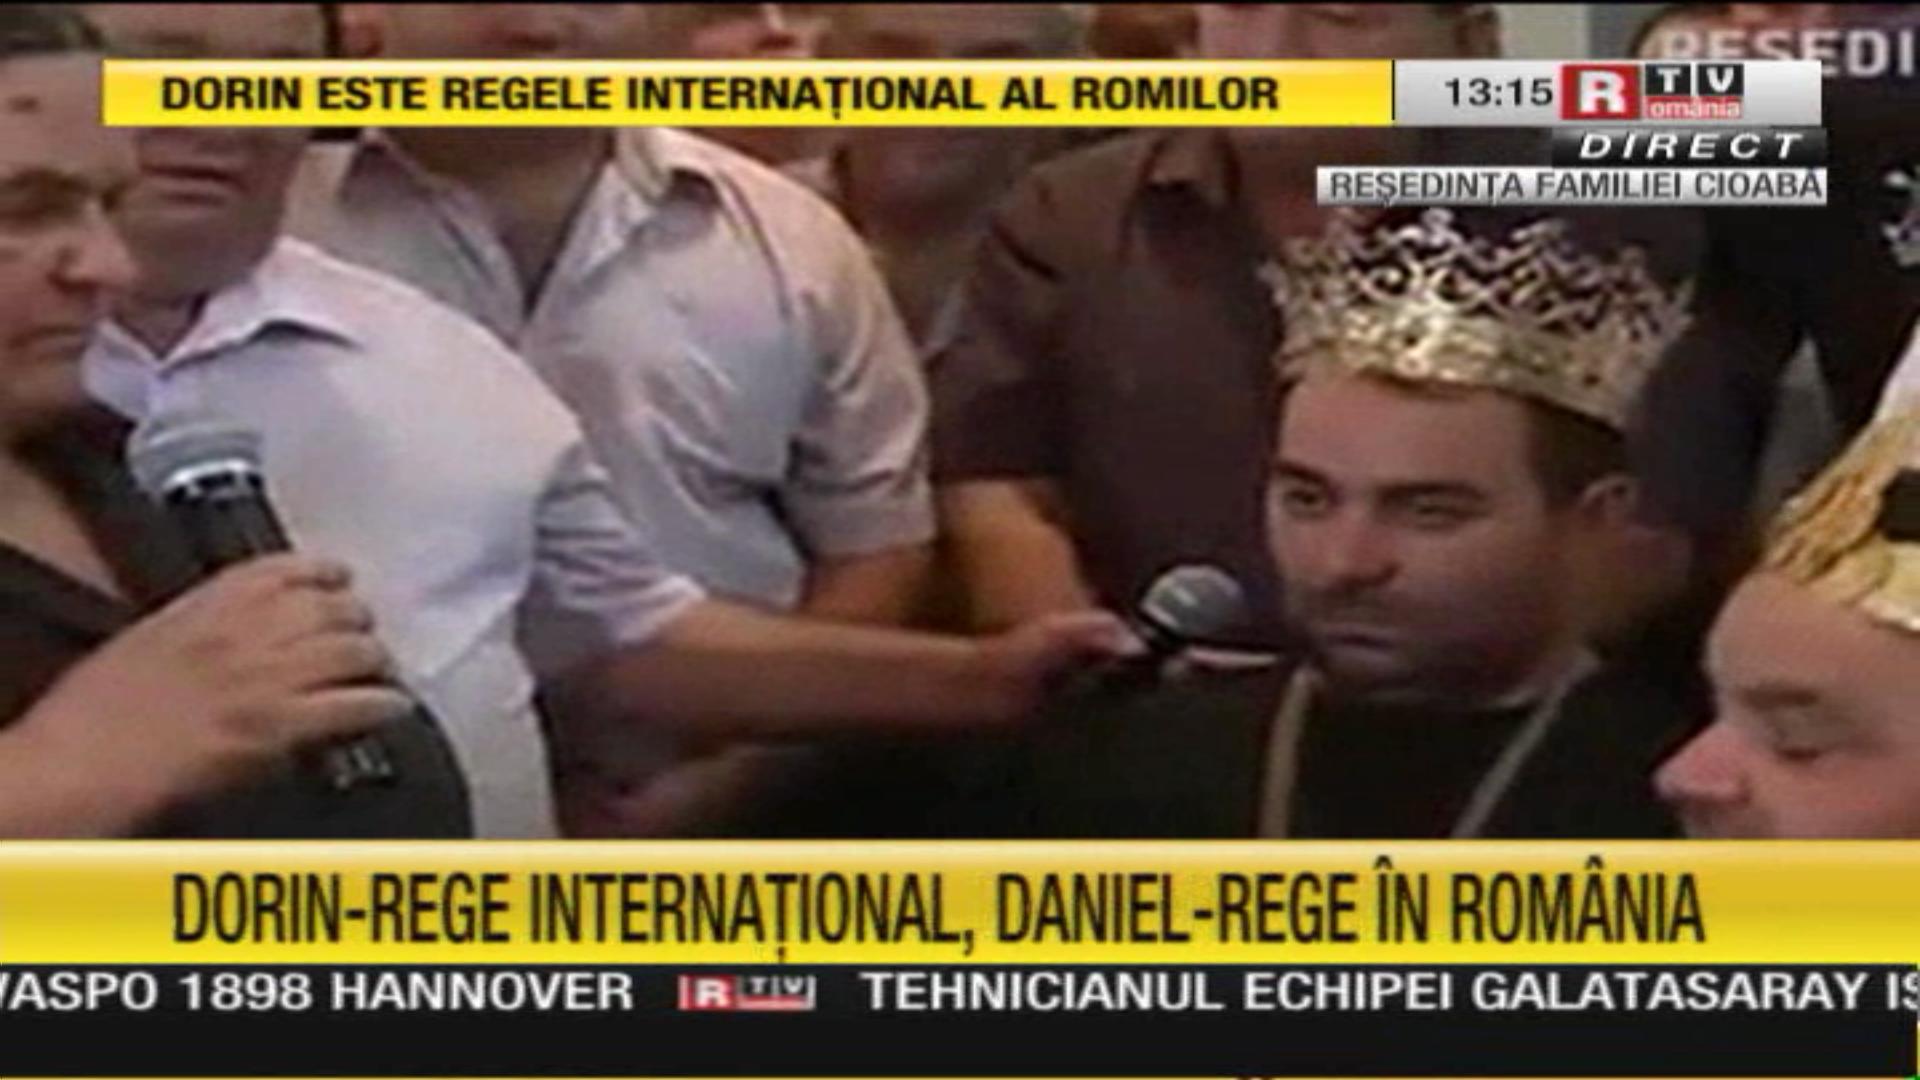 Daniel, baiatul cel mic al lui Florin Cioaba, va purta coroana tatalui sau